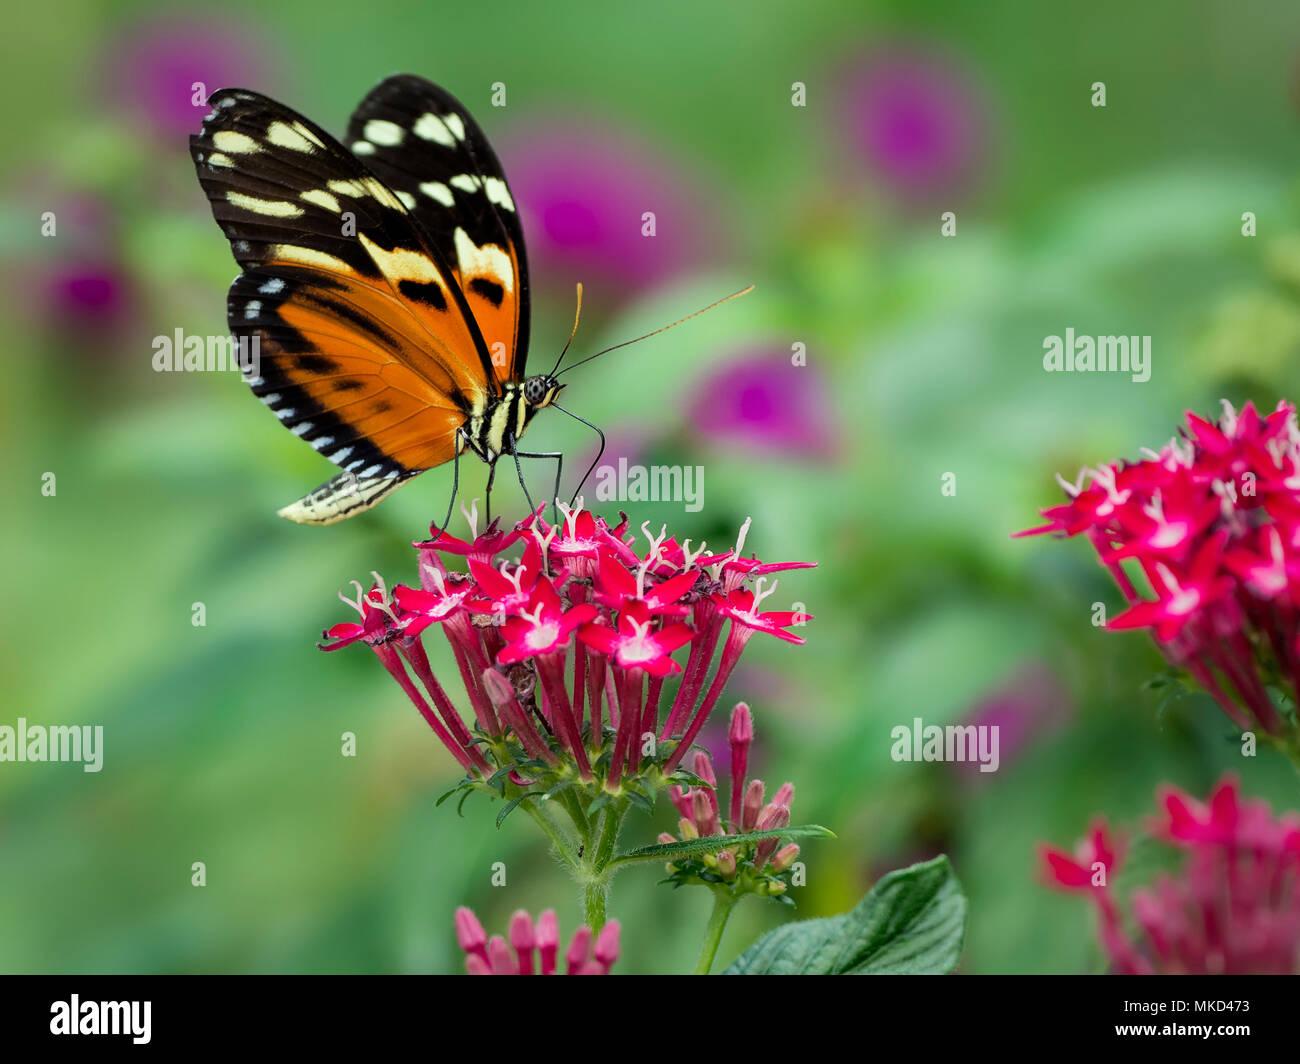 Heliconius ssp. mariposa, Panamá, Febrero Foto de stock